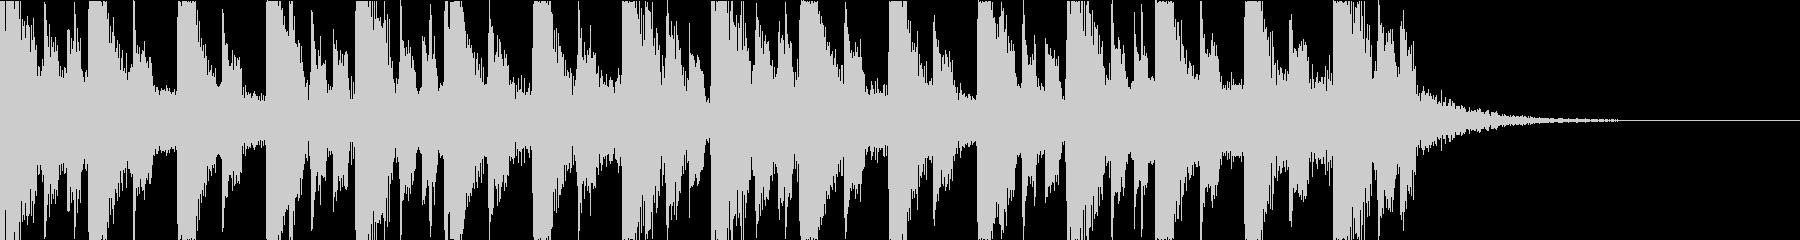 キャッチーで深みのあるEDM4の未再生の波形